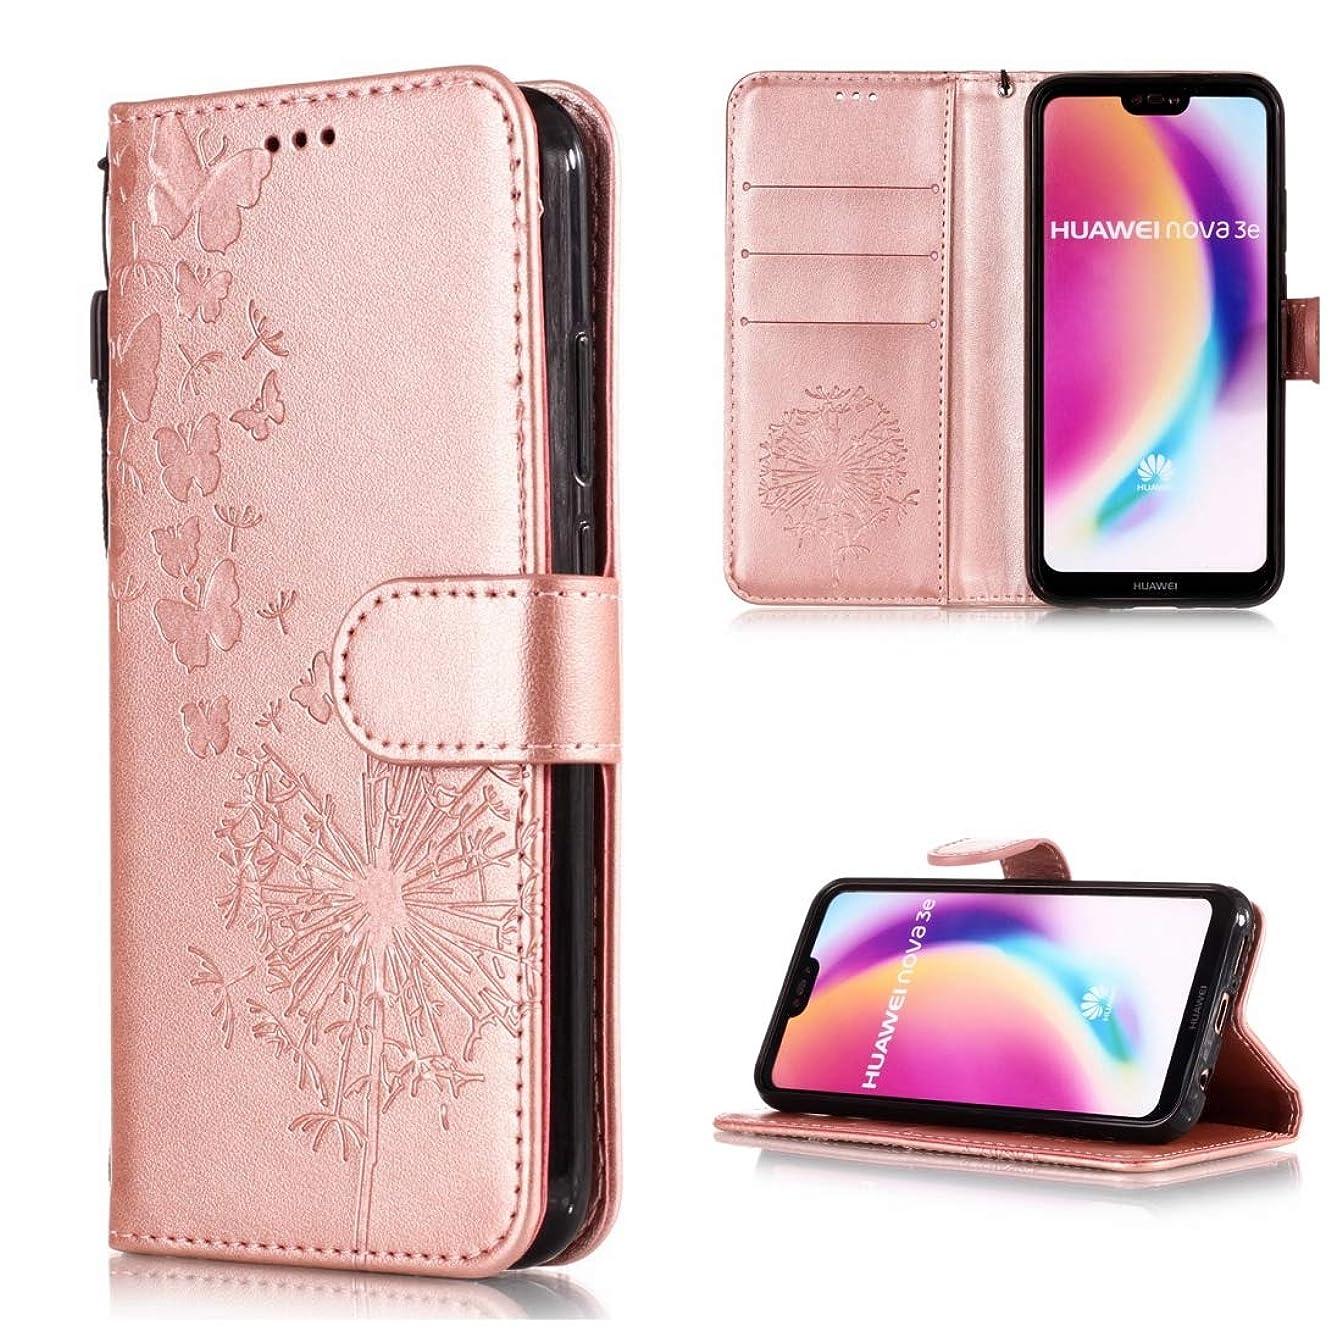 シネマ冷ややかな区画WTYD 電話アクセサリー Huawei P20 Lite/Nova 3e用ヴィンテージエンボス花柄タンポポ模様フラワーレザーケース、カードスロット&ホルダー&財布&ストラップ 電話使用 (Color : Rose Gold)